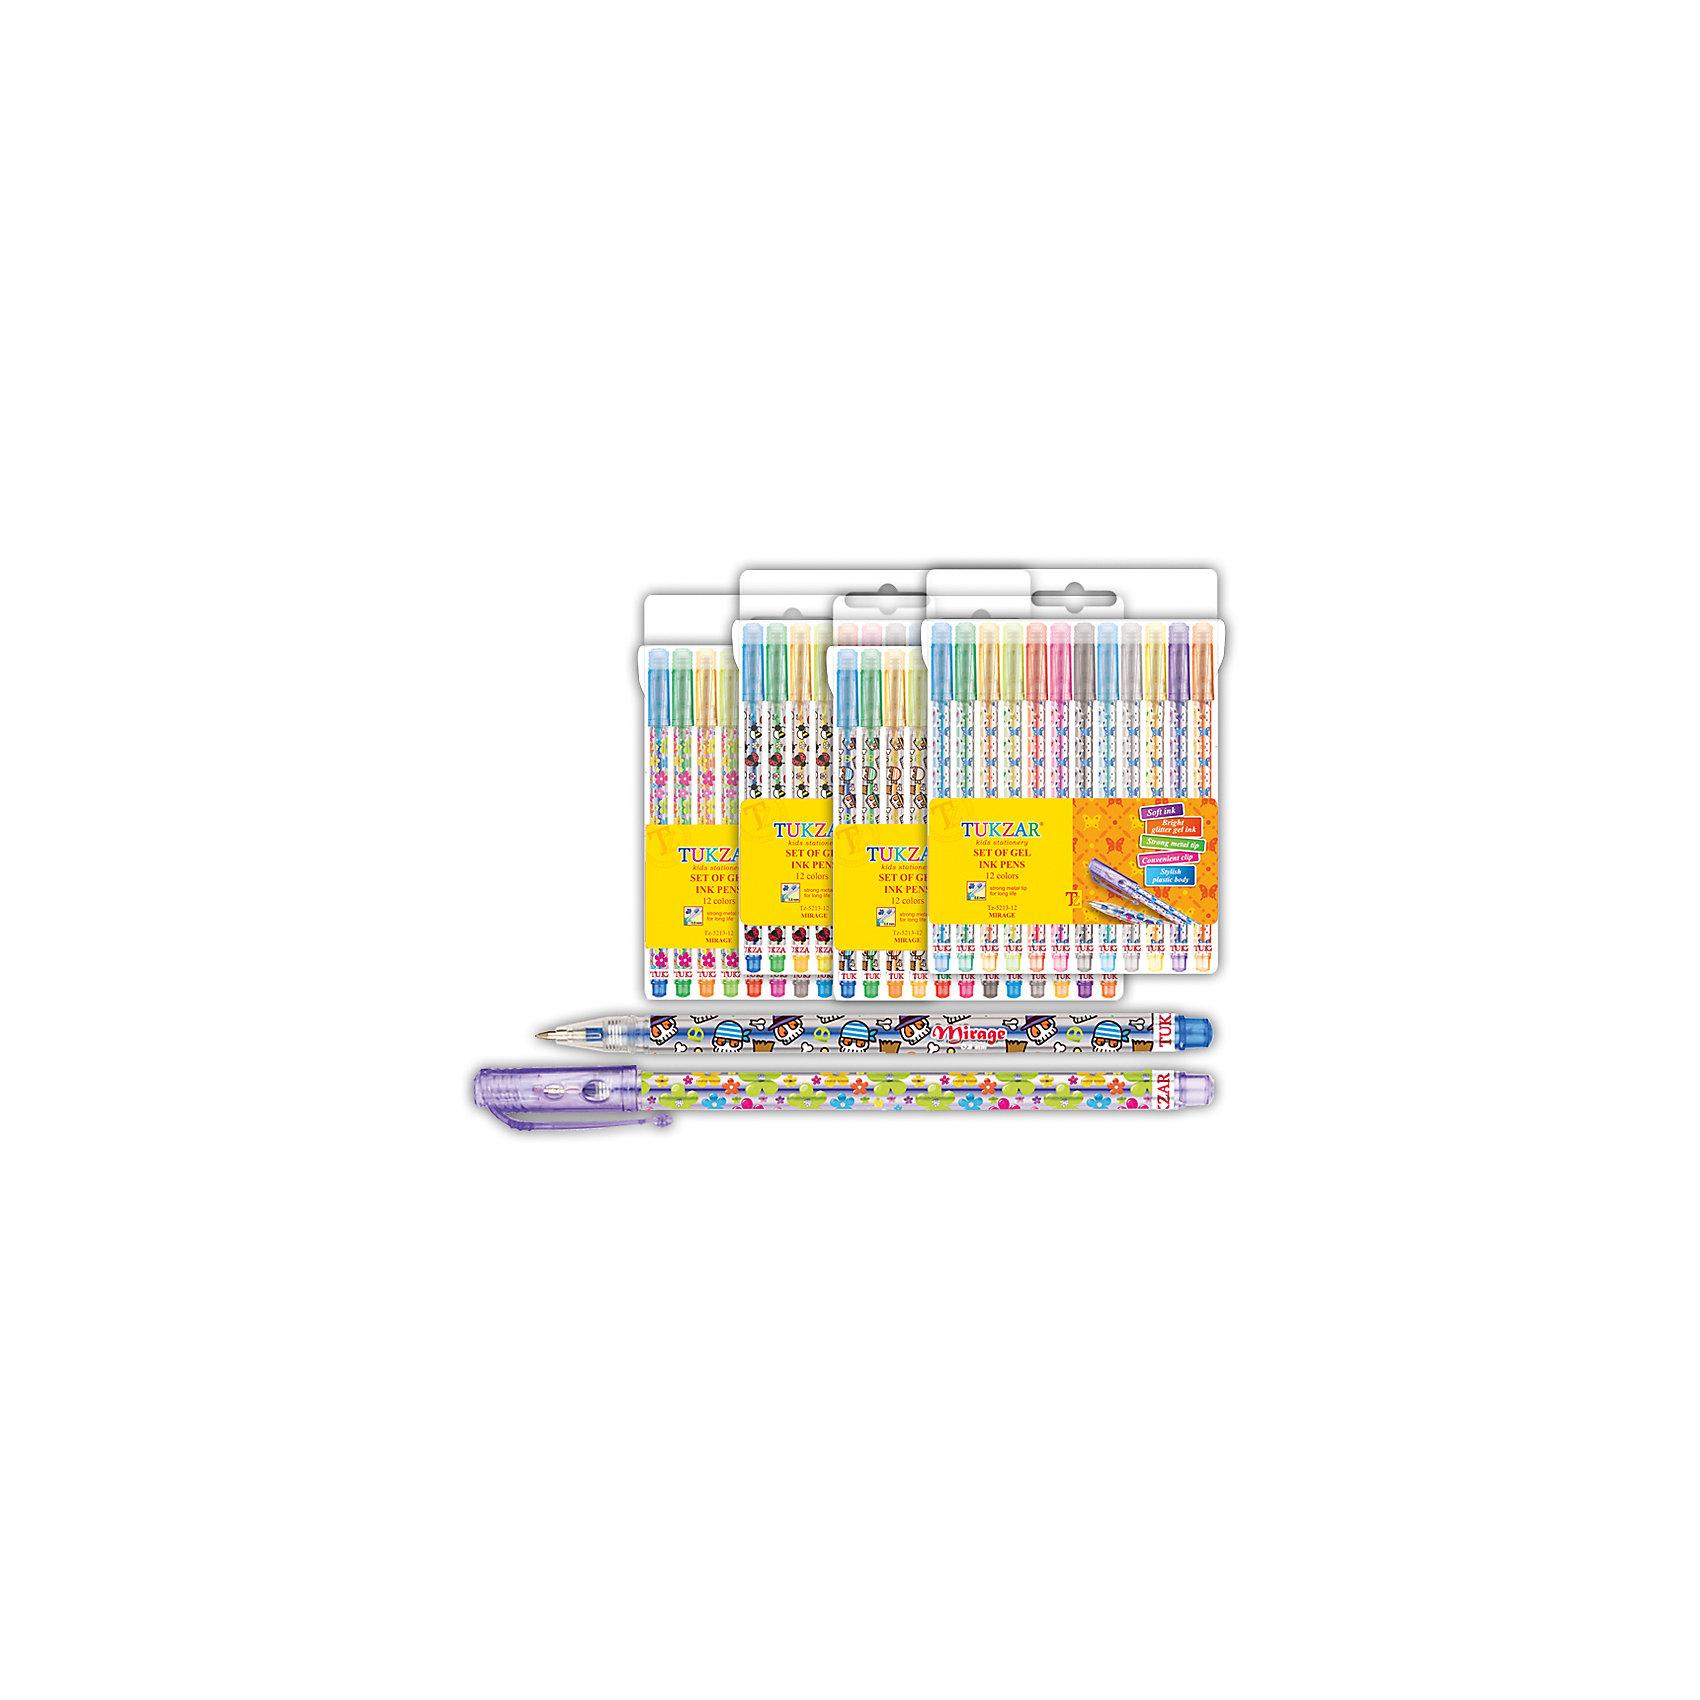 TUKZAR Набор гелевых ручек с блестками Мираж, 12 цветов tukzar tukzar набор шариковых ручек  10 цветов